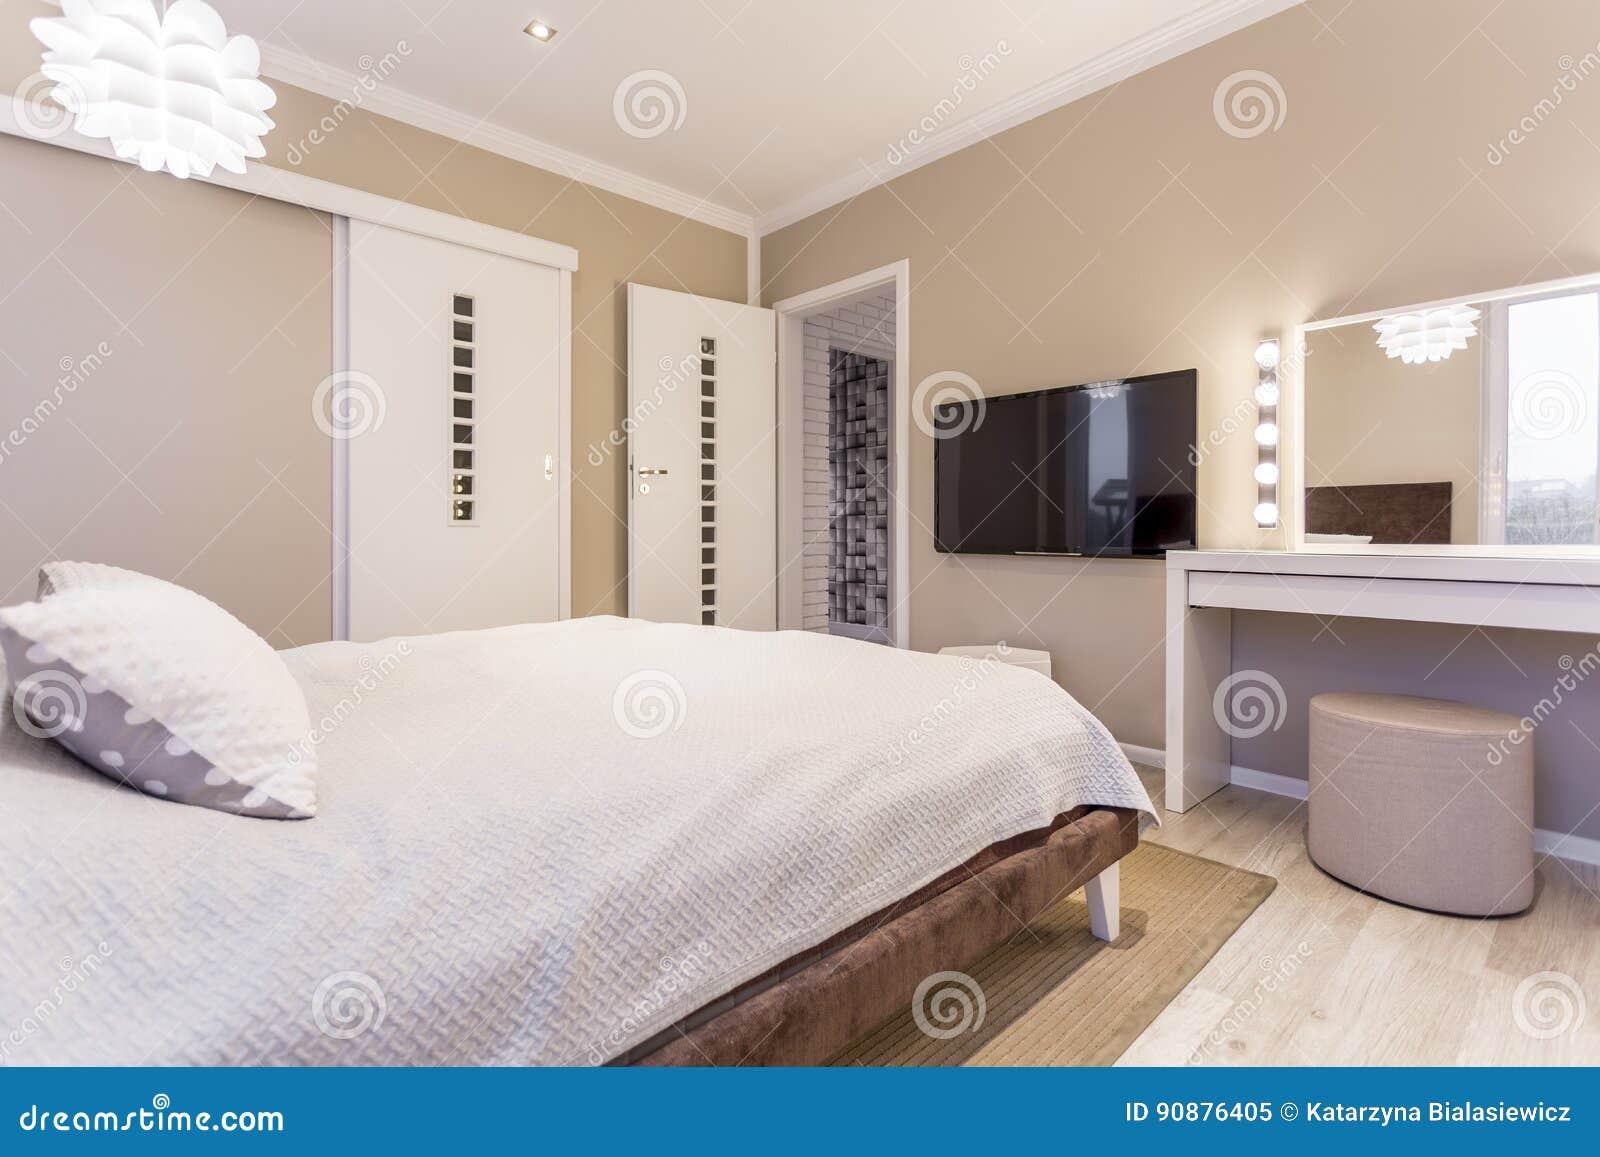 Chambre à Coucher Beige Et Blanche Confortable Image stock - Image ...